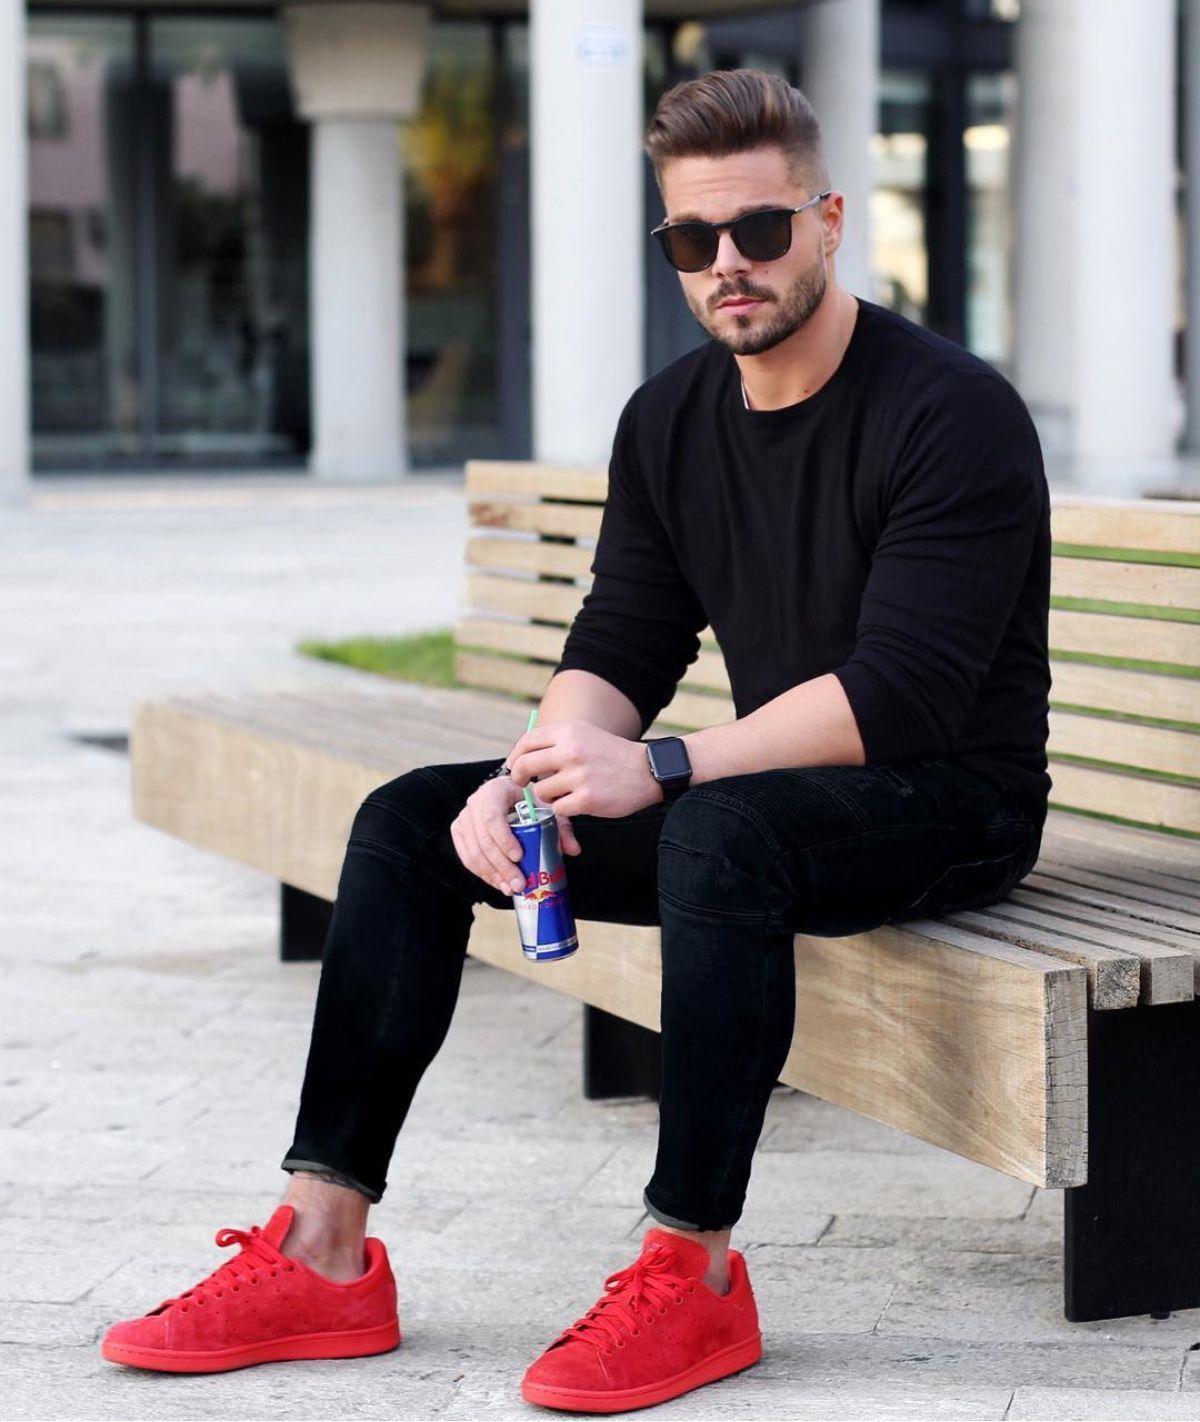 Feudo grande brumoso  Outfit masculino com destaque para o tênis Adidas vermelho. Veja mais dicas de  moda masculina co… | Ropa moderna hombre, Combinar ropa hombre, Ropa casual de  hombre